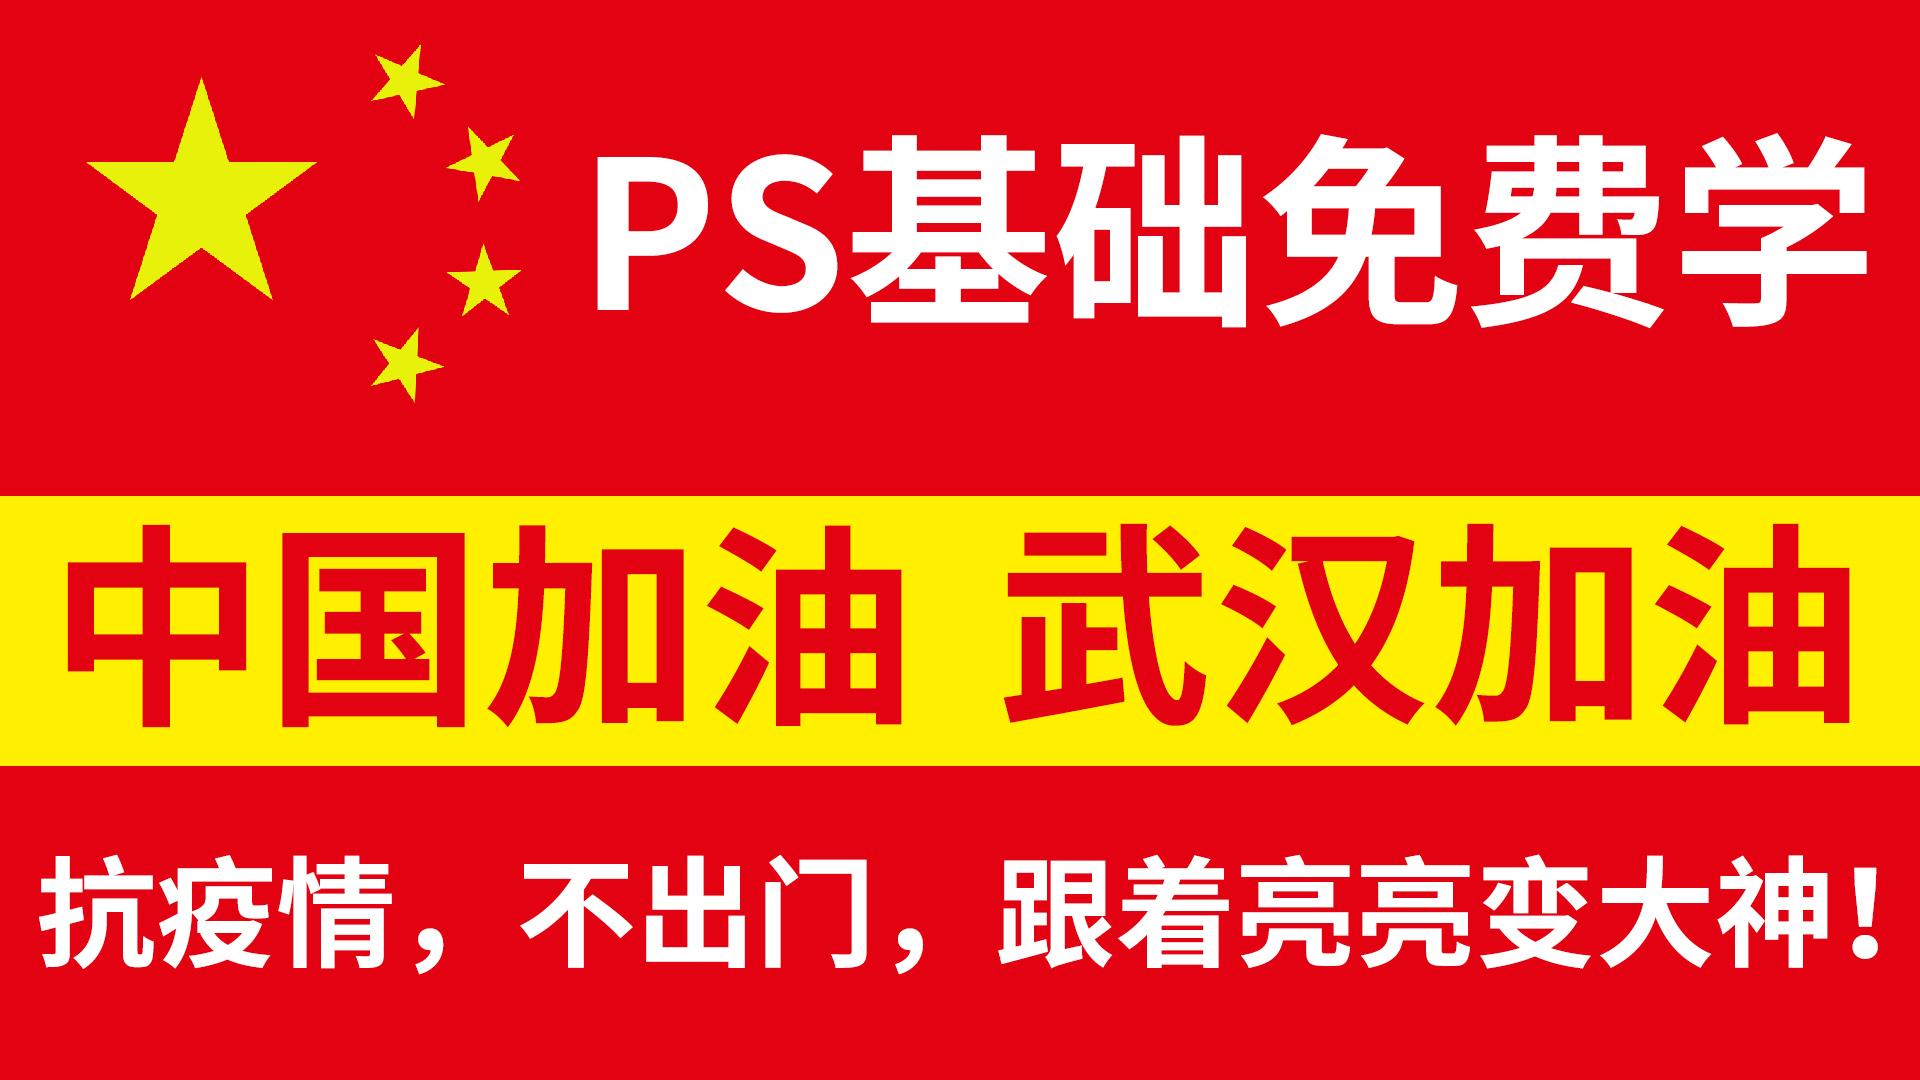 中国加油,武汉加油!不出门,在家学PS!